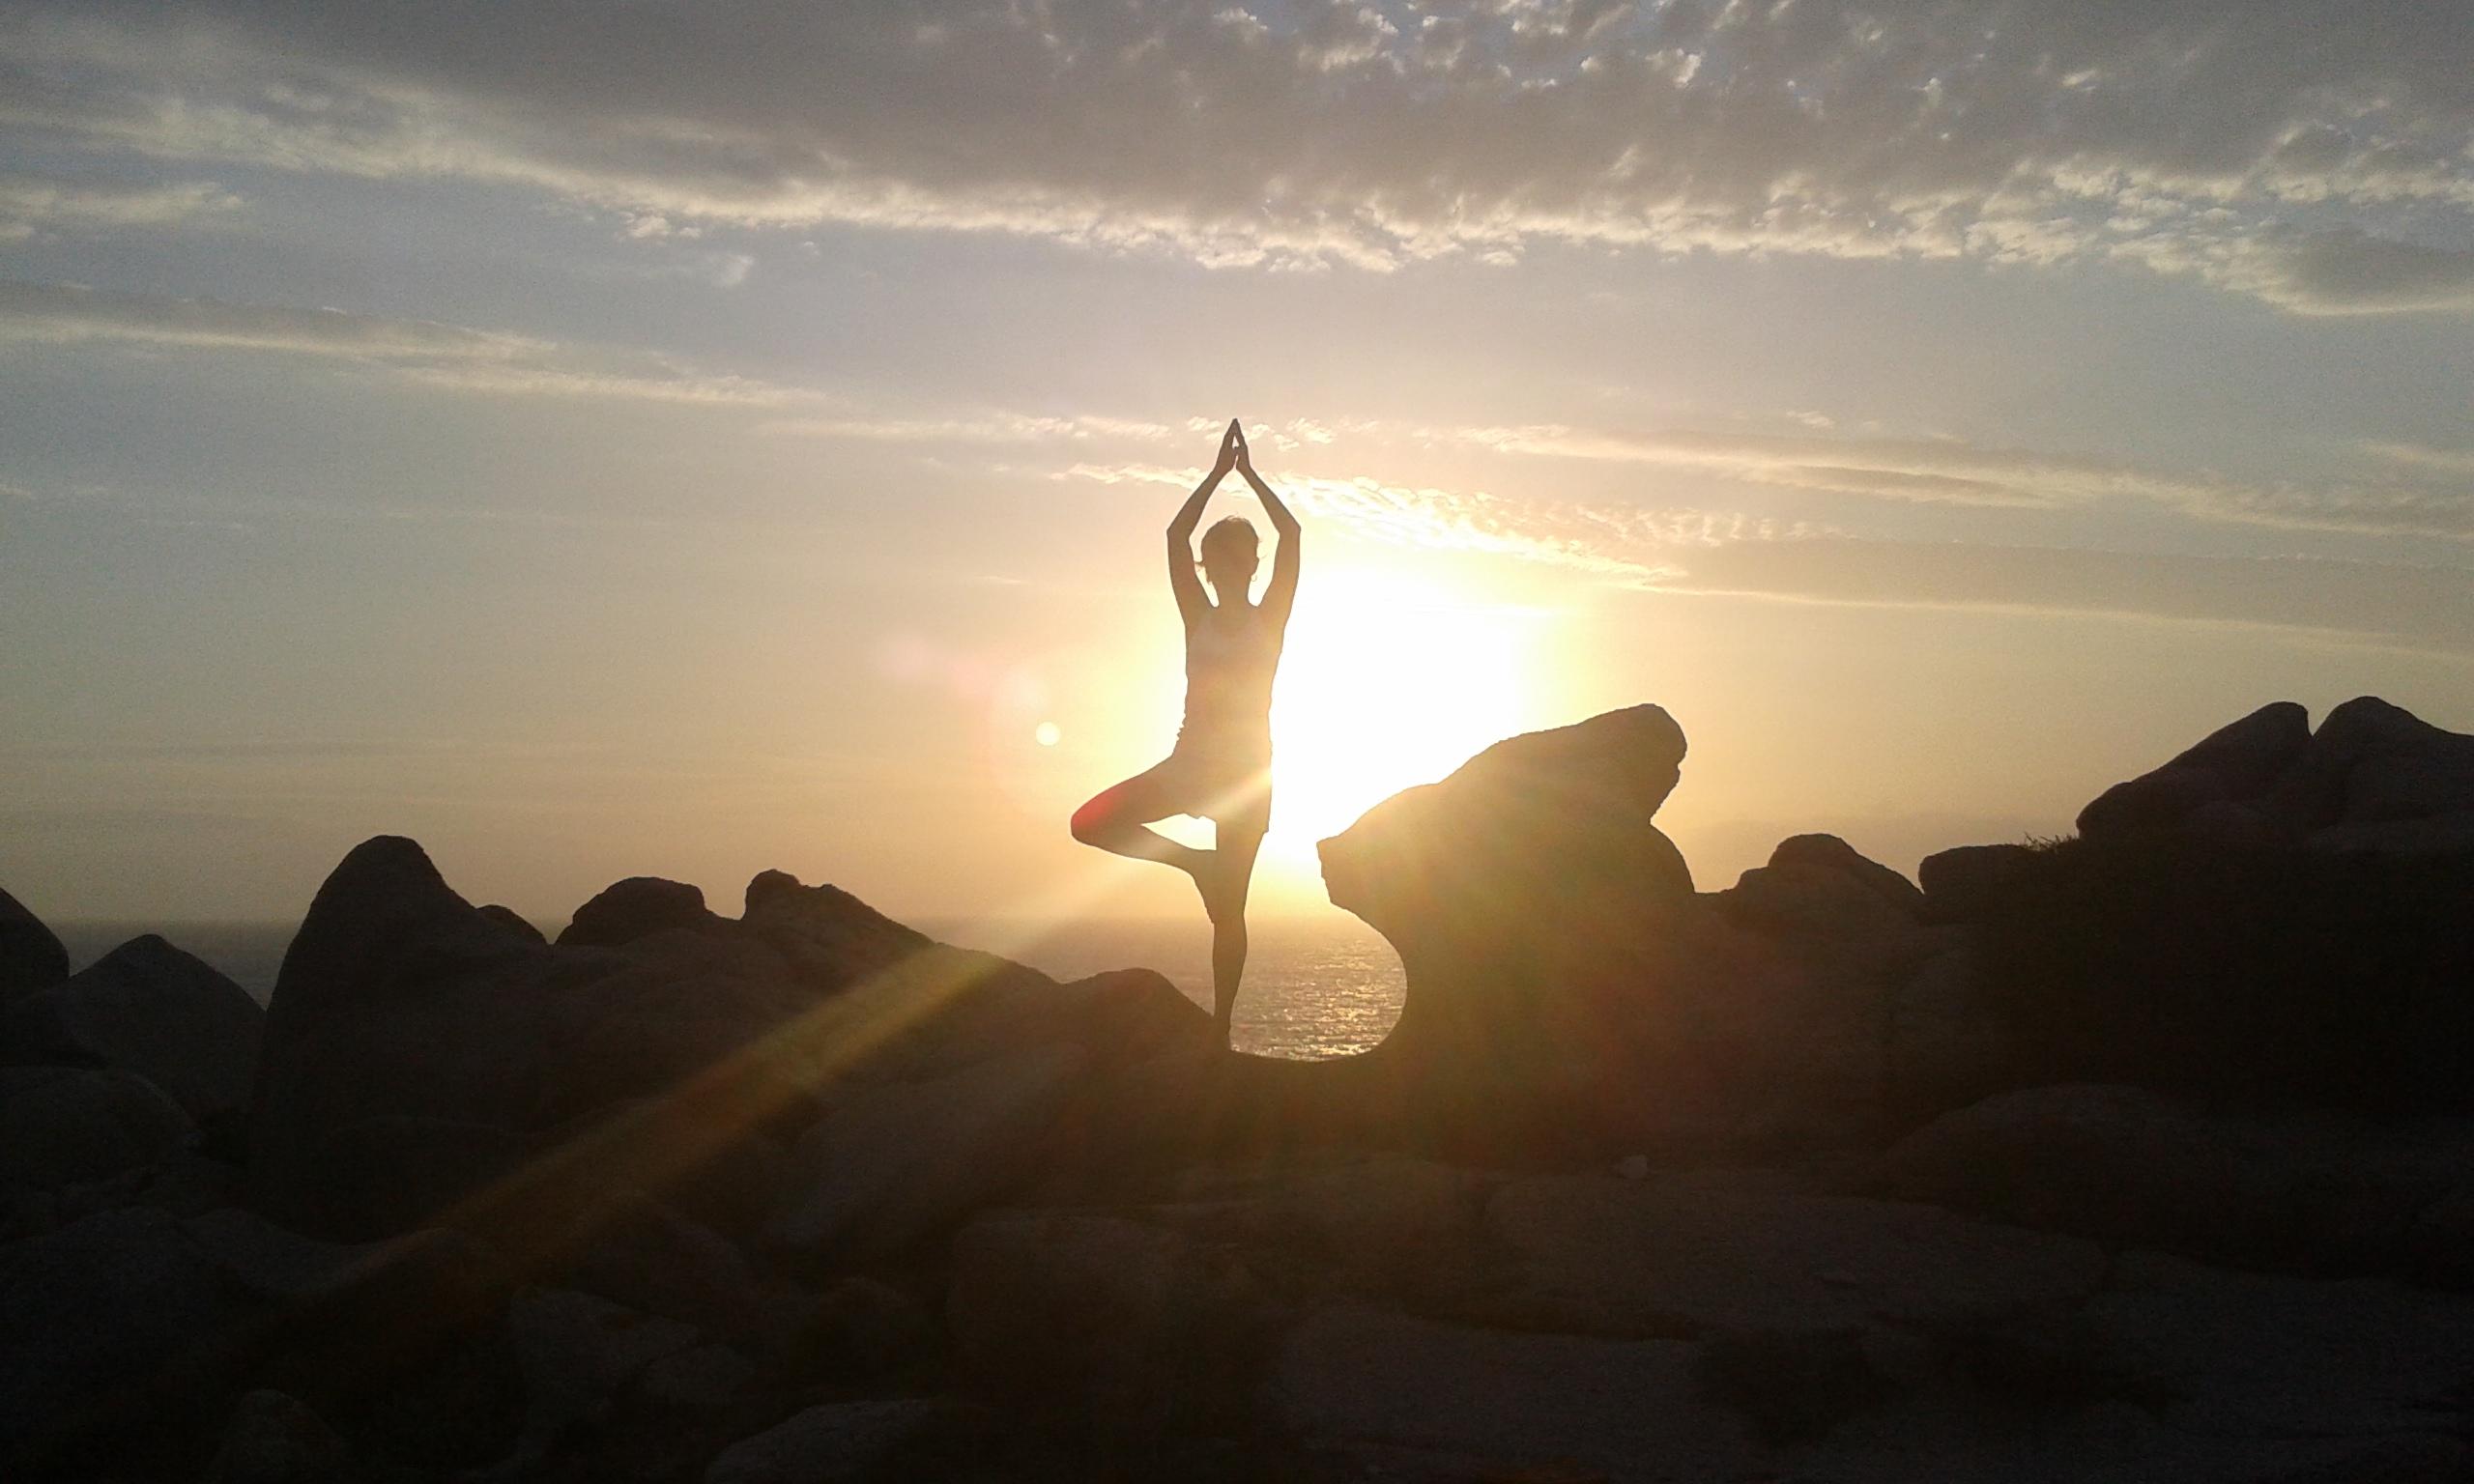 El yoga es una manera de conocerse mejor a uno mismo, una filosofía de vida.